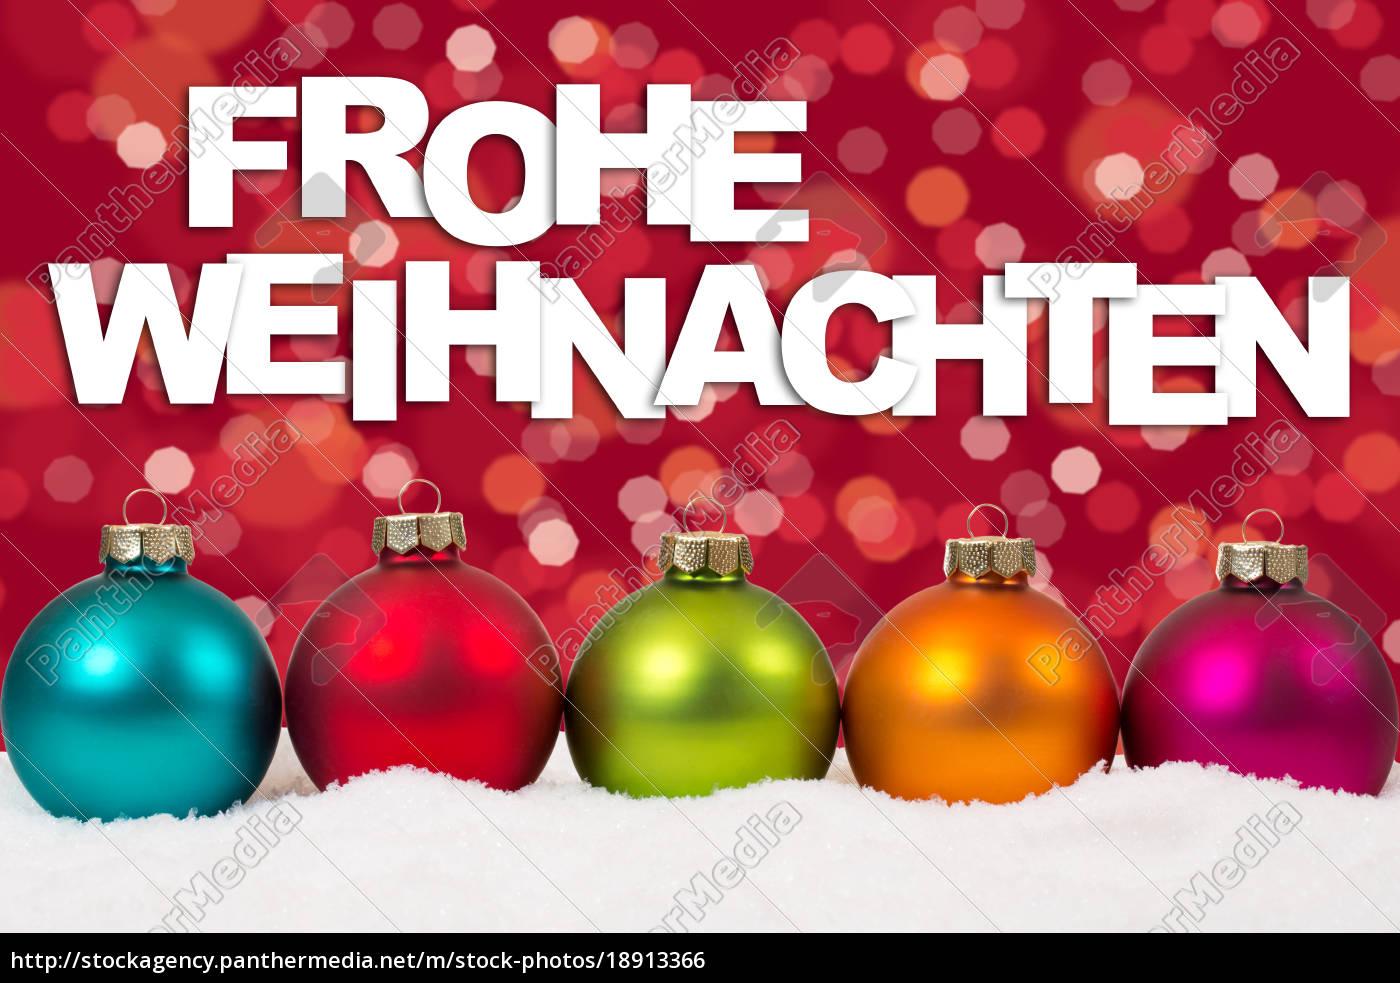 Karte Weihnachten.Stock Bild 18913366 Frohe Weihnachten Weihnachtskarte Karte Bunte